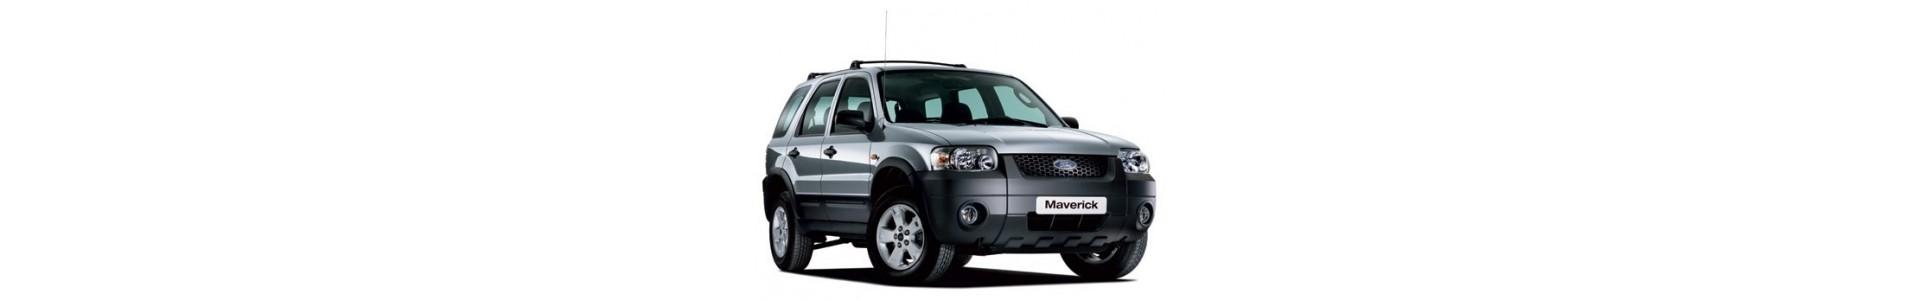 Maverick 2000-2006